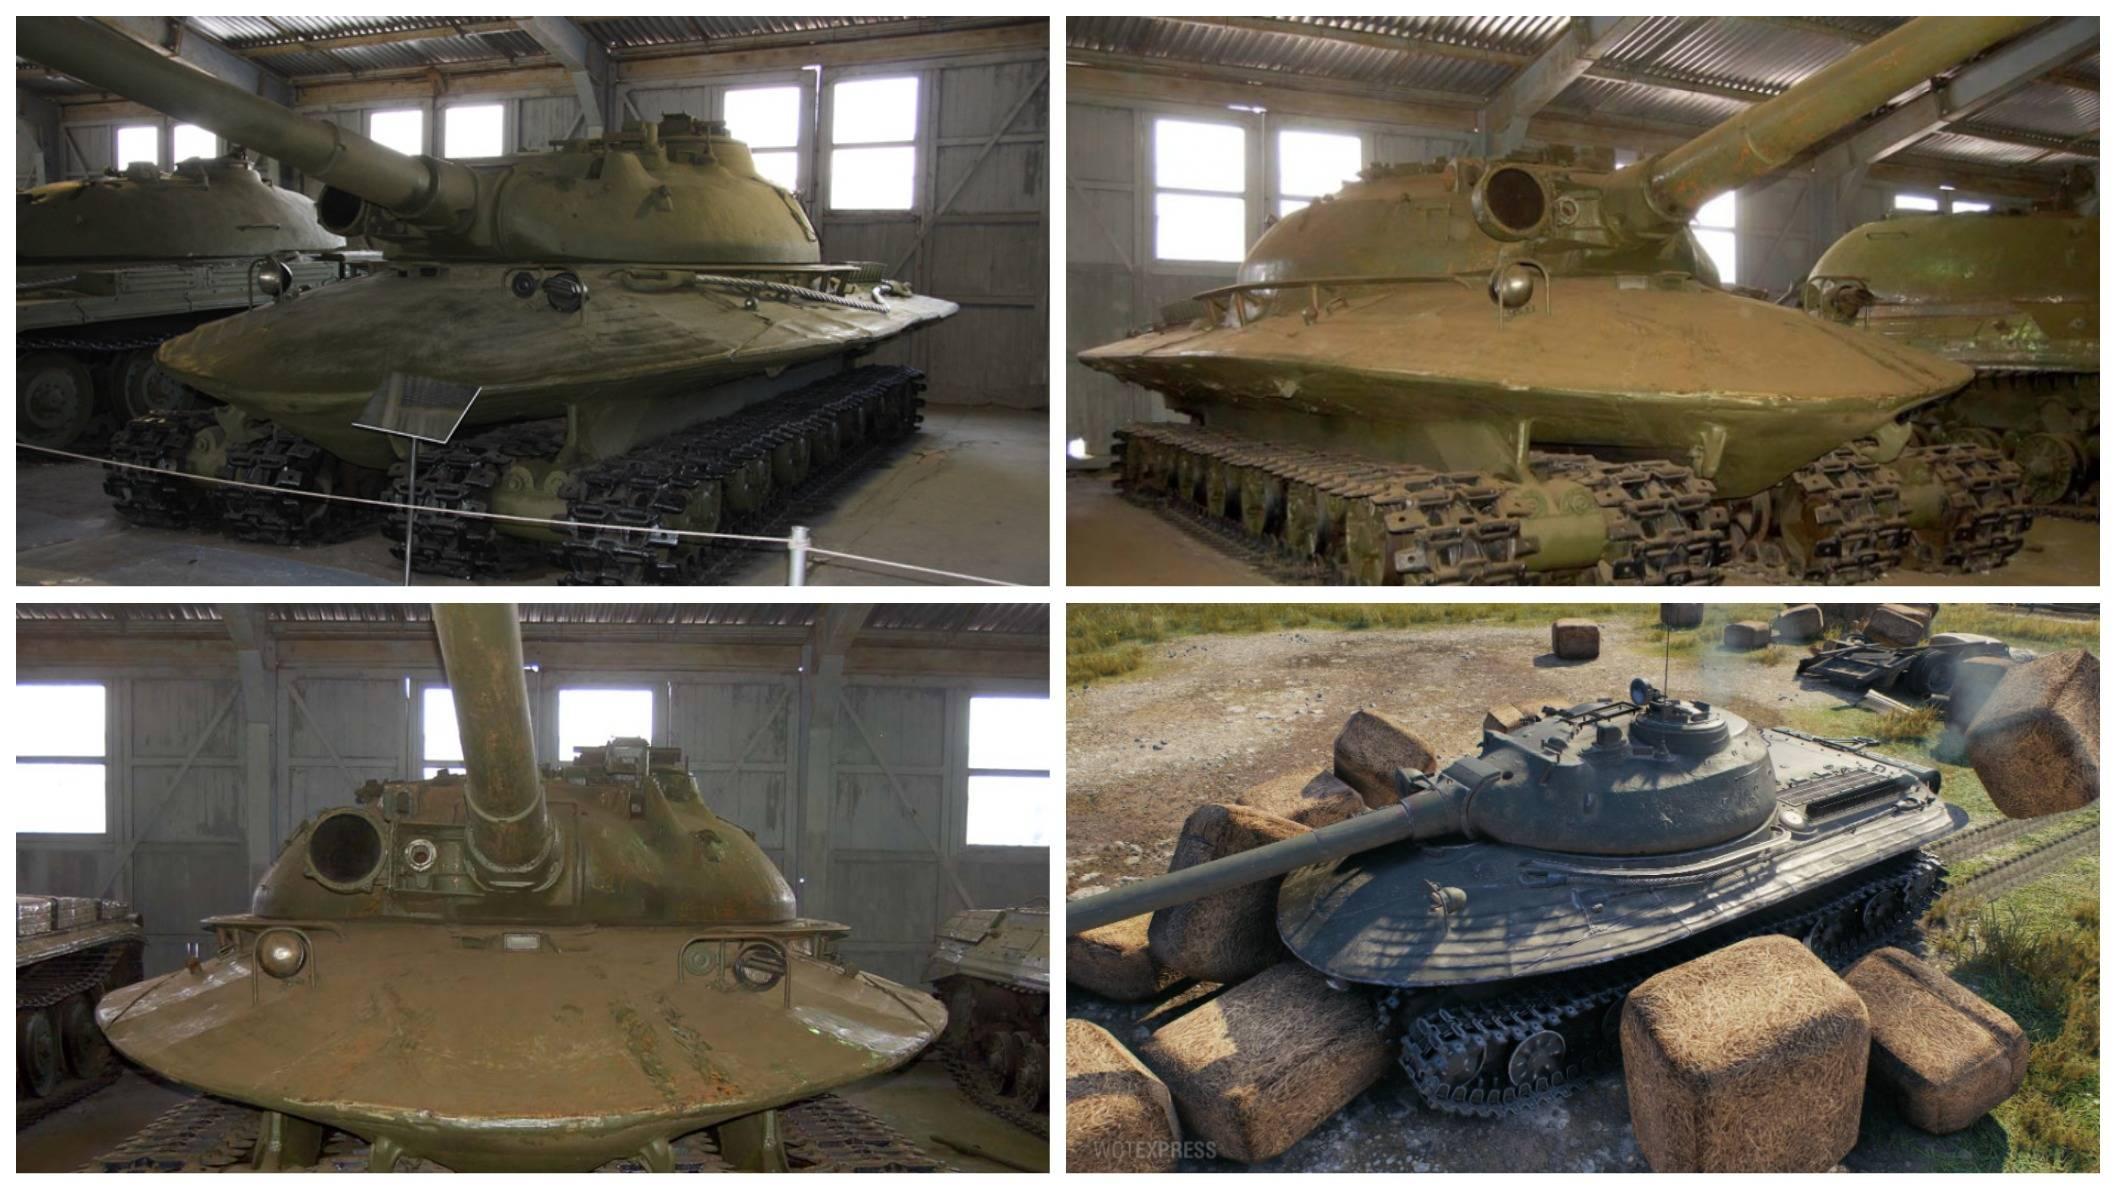 Объект 279: советский танк, созданный для ядерного апокалипсиса | русская семерка